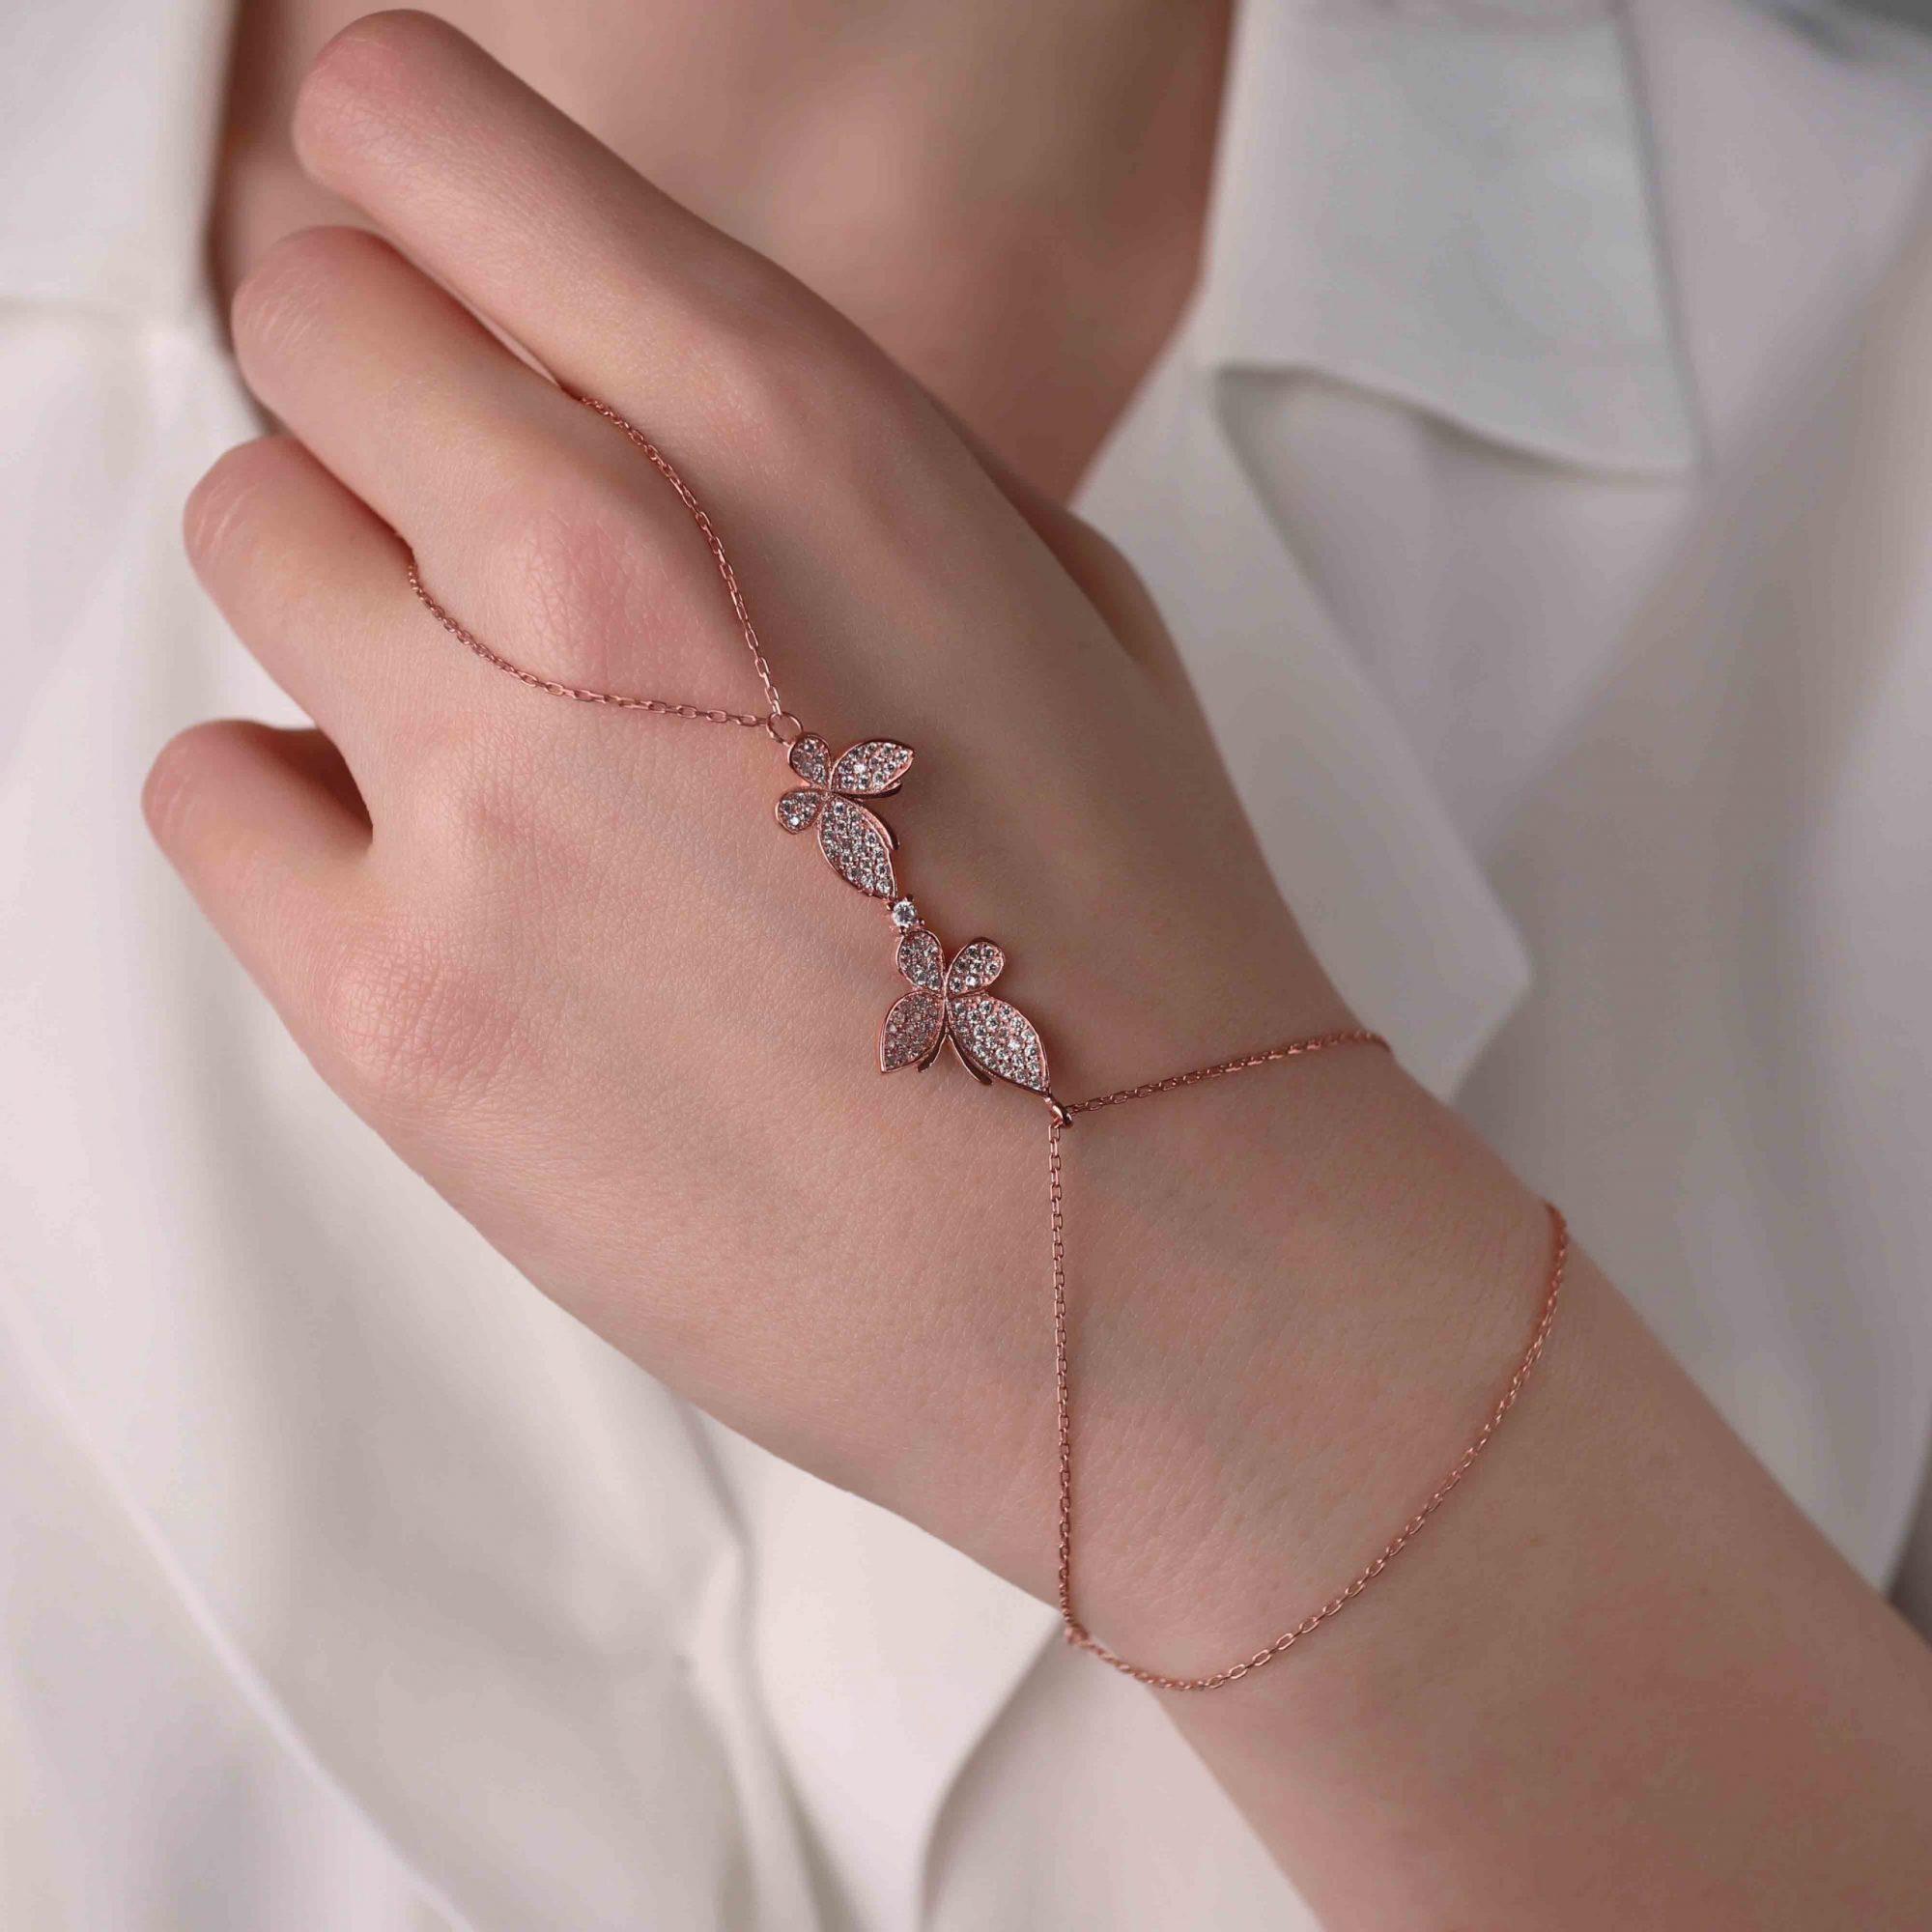 Rose - 925 Ayar Gümüş Swarovski Taşlı Kelebek Motifli Tasarım Şahmeran